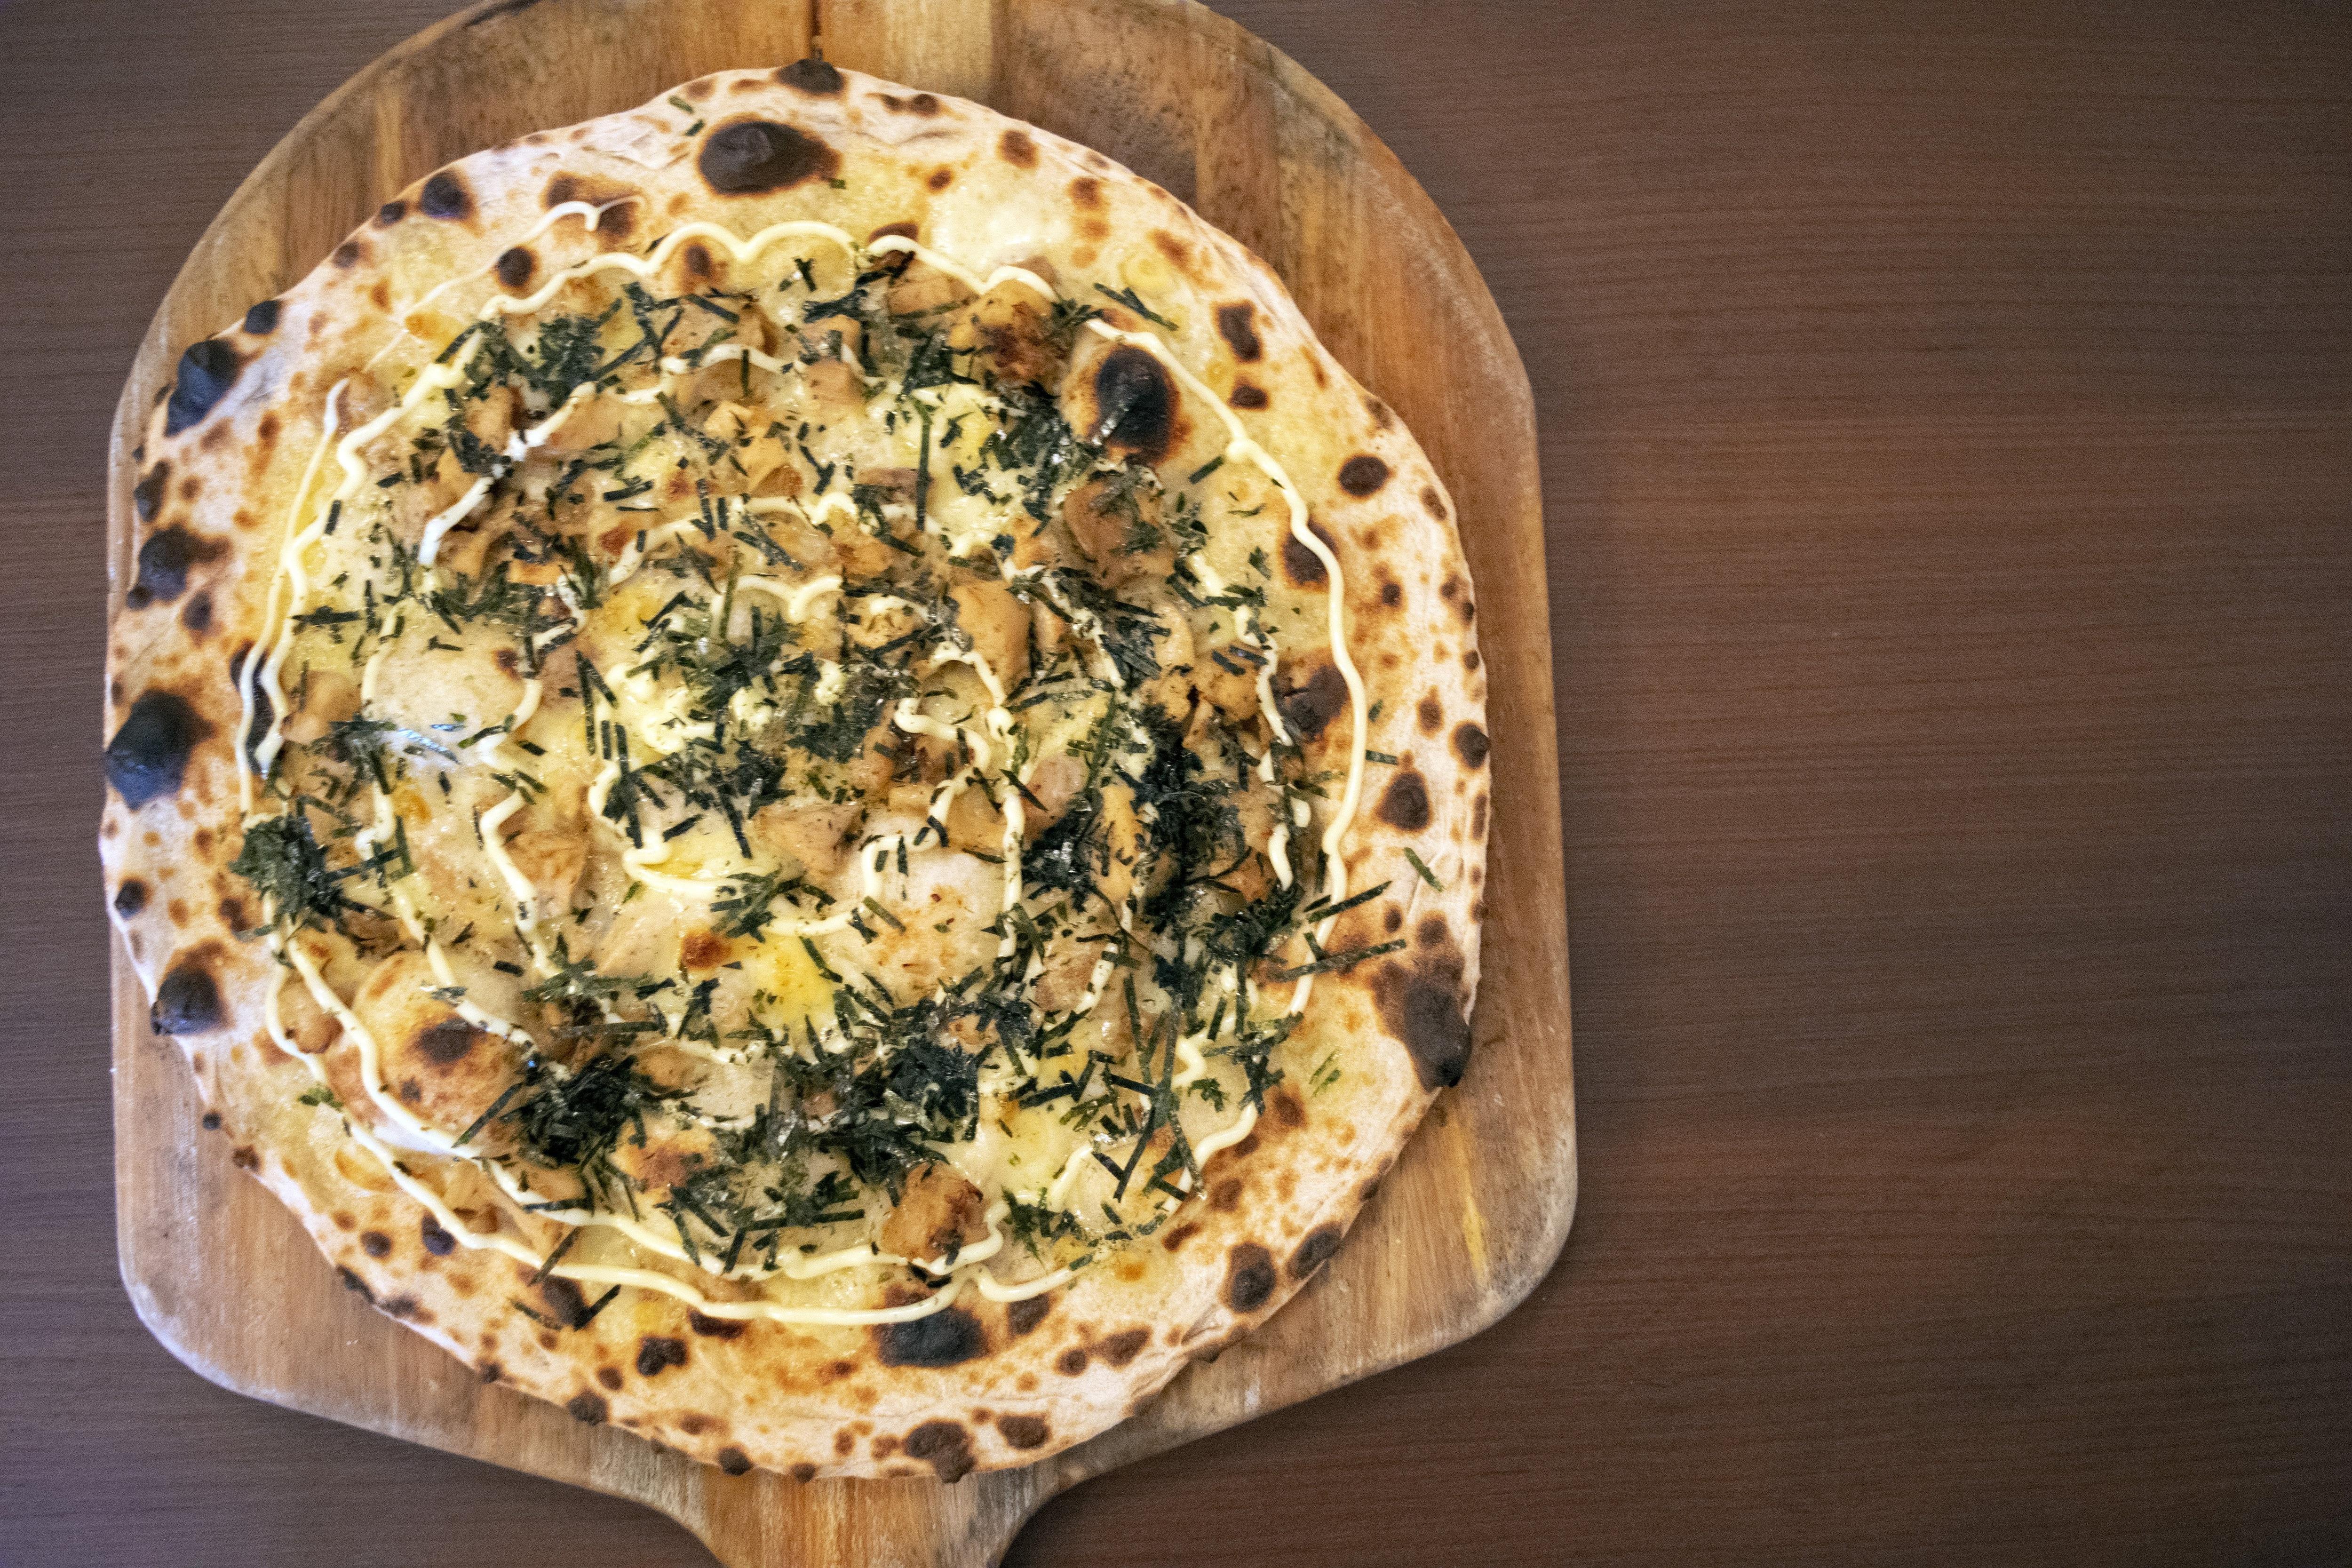 【現地払い専用】テリヤキチキンピザのイメージその1